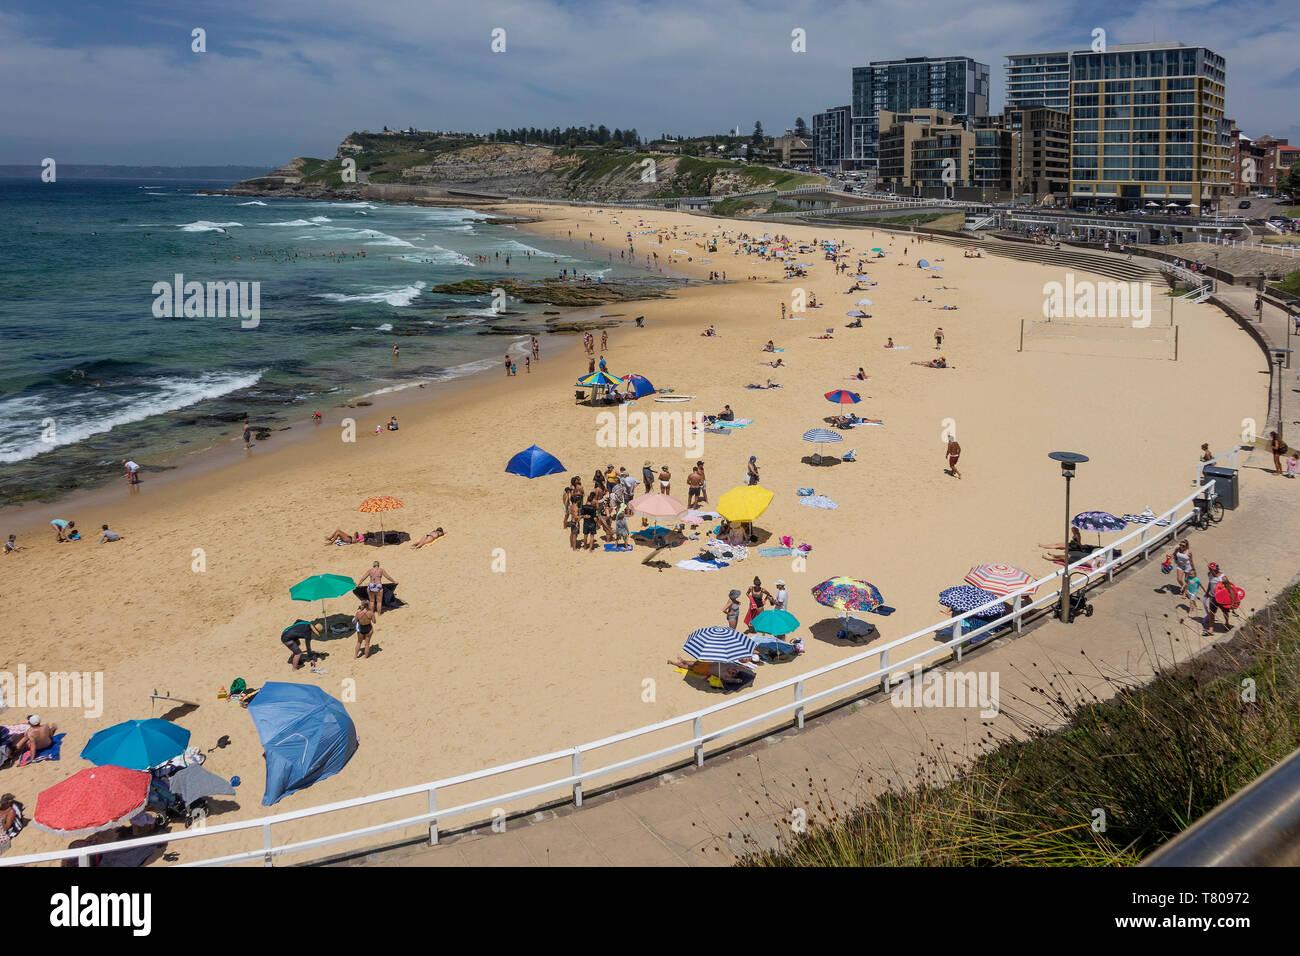 Plage de Newcastle, Newcastle, Nouvelle-Galles du Sud, Australie, Pacifique Banque D'Images